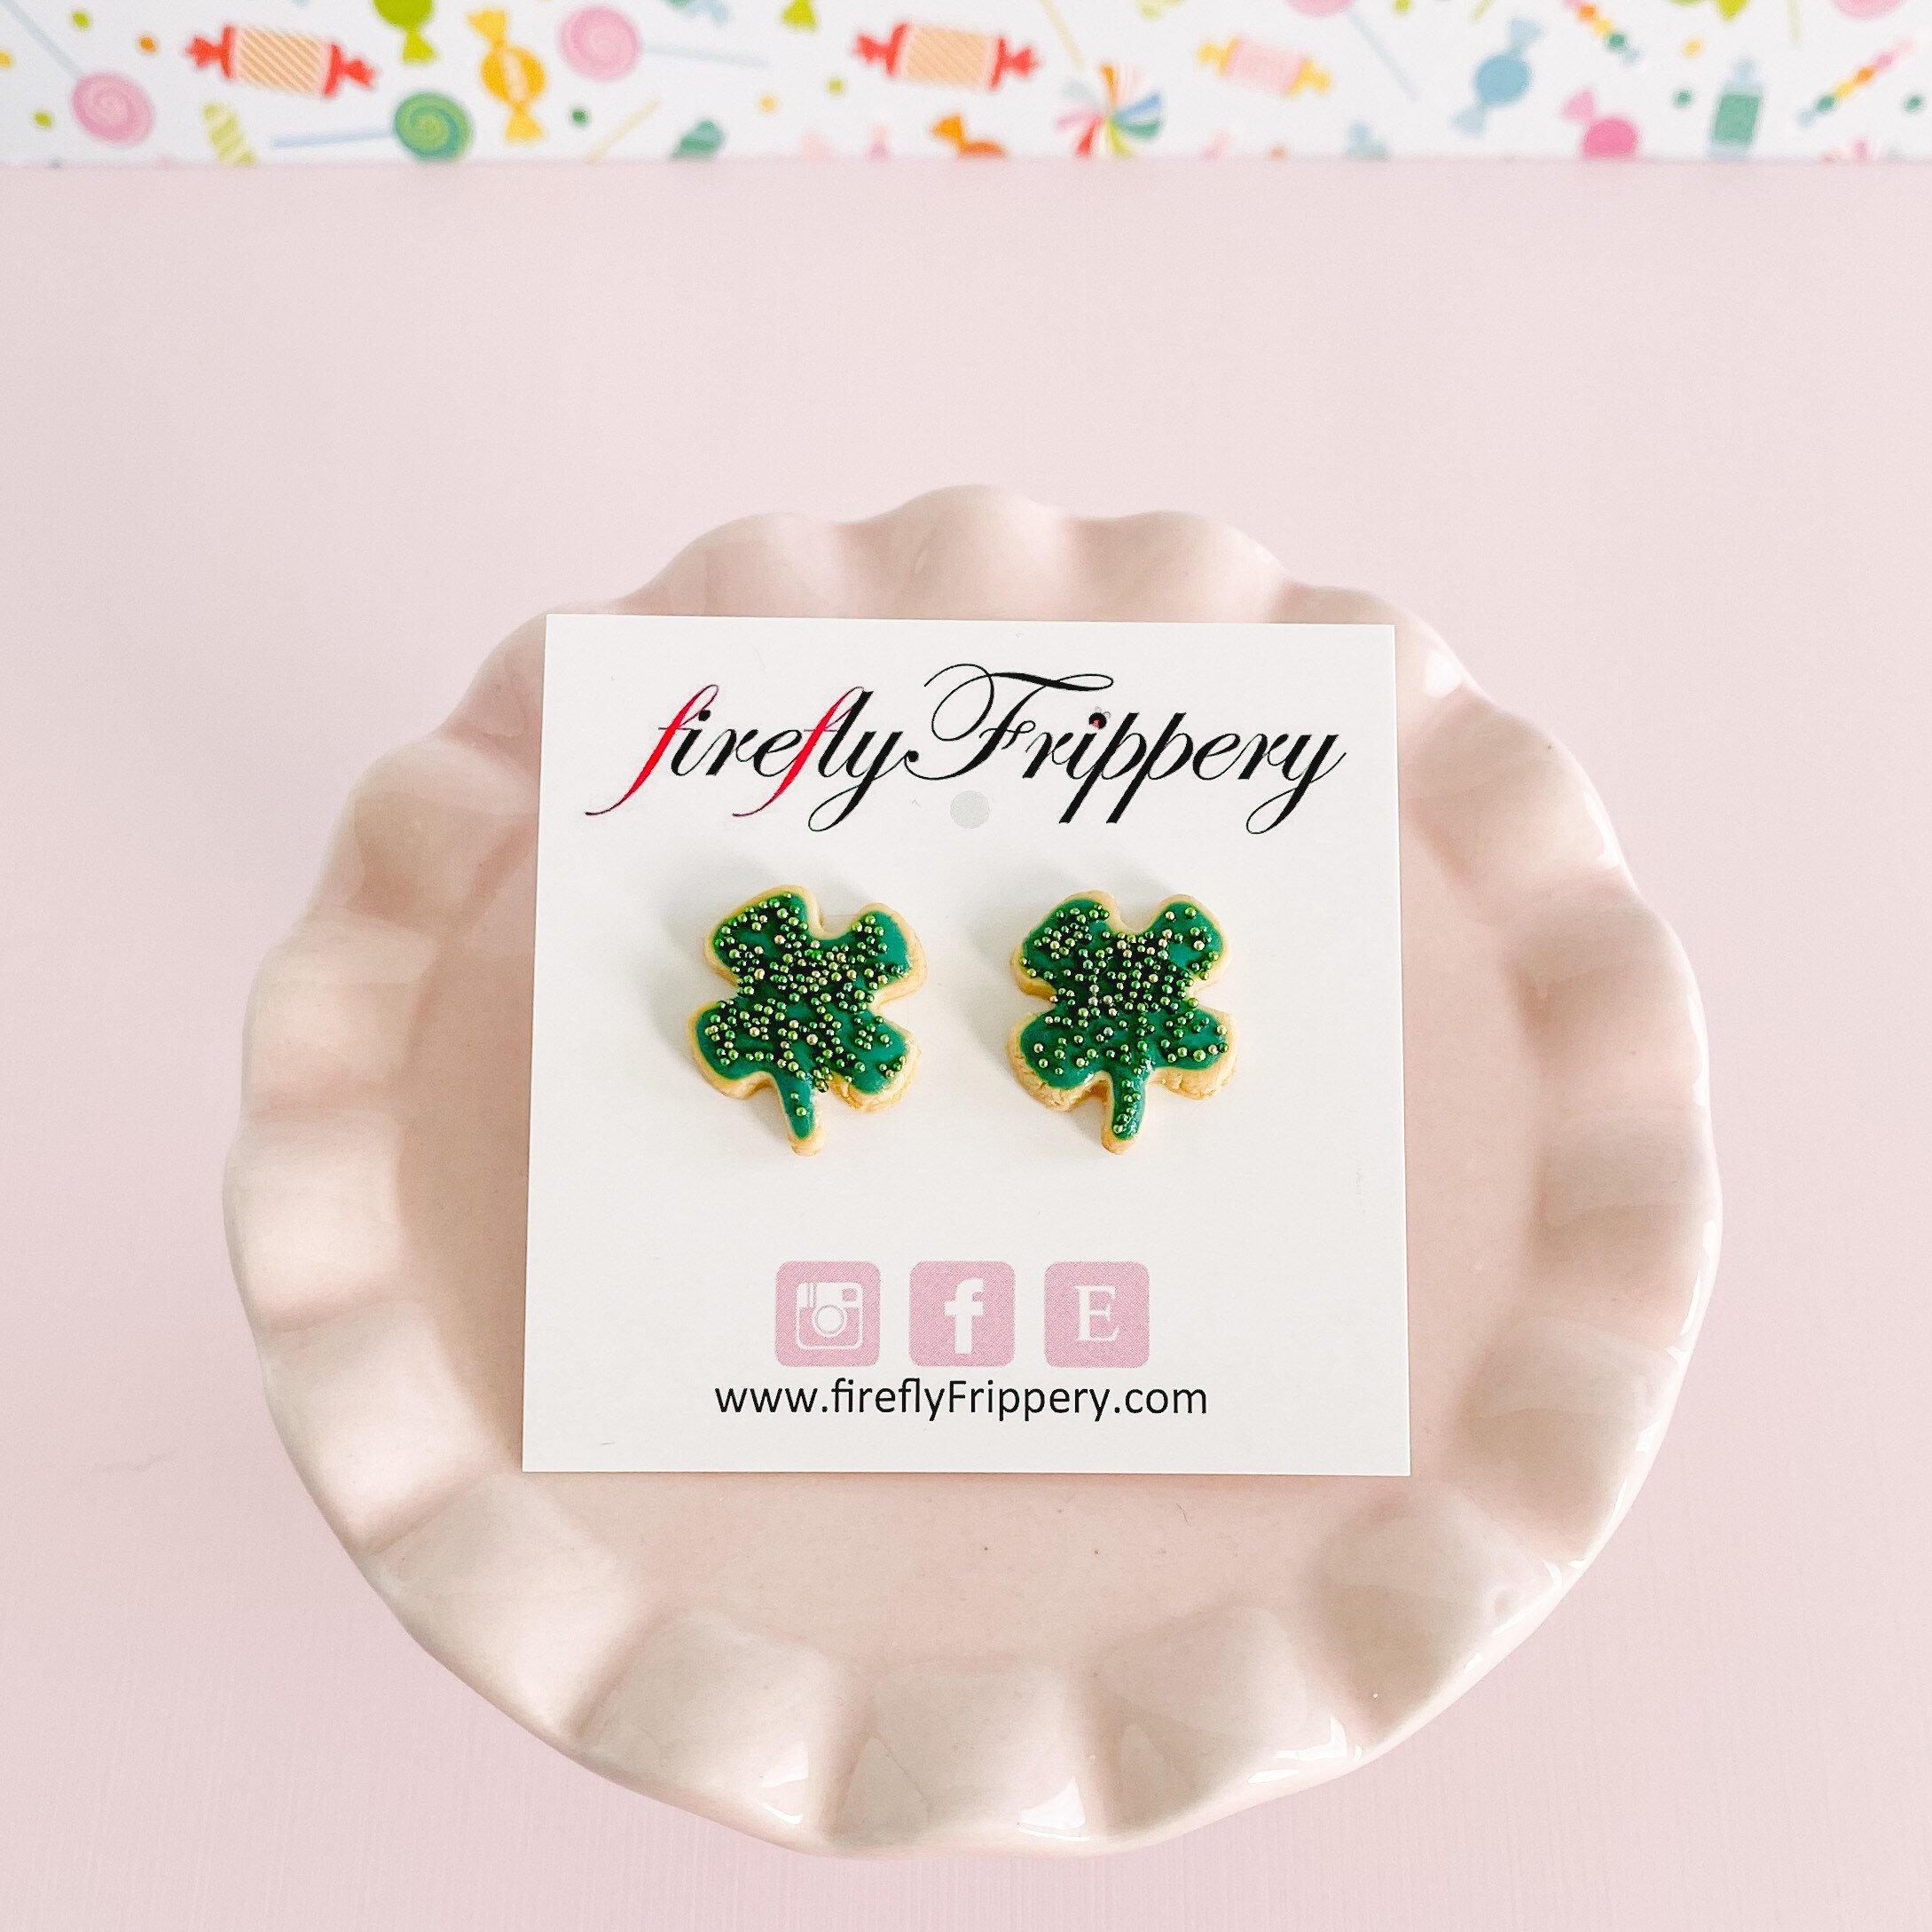 fireflyFrippery Shamrock Sugar Cookie Earrings on Card - Green